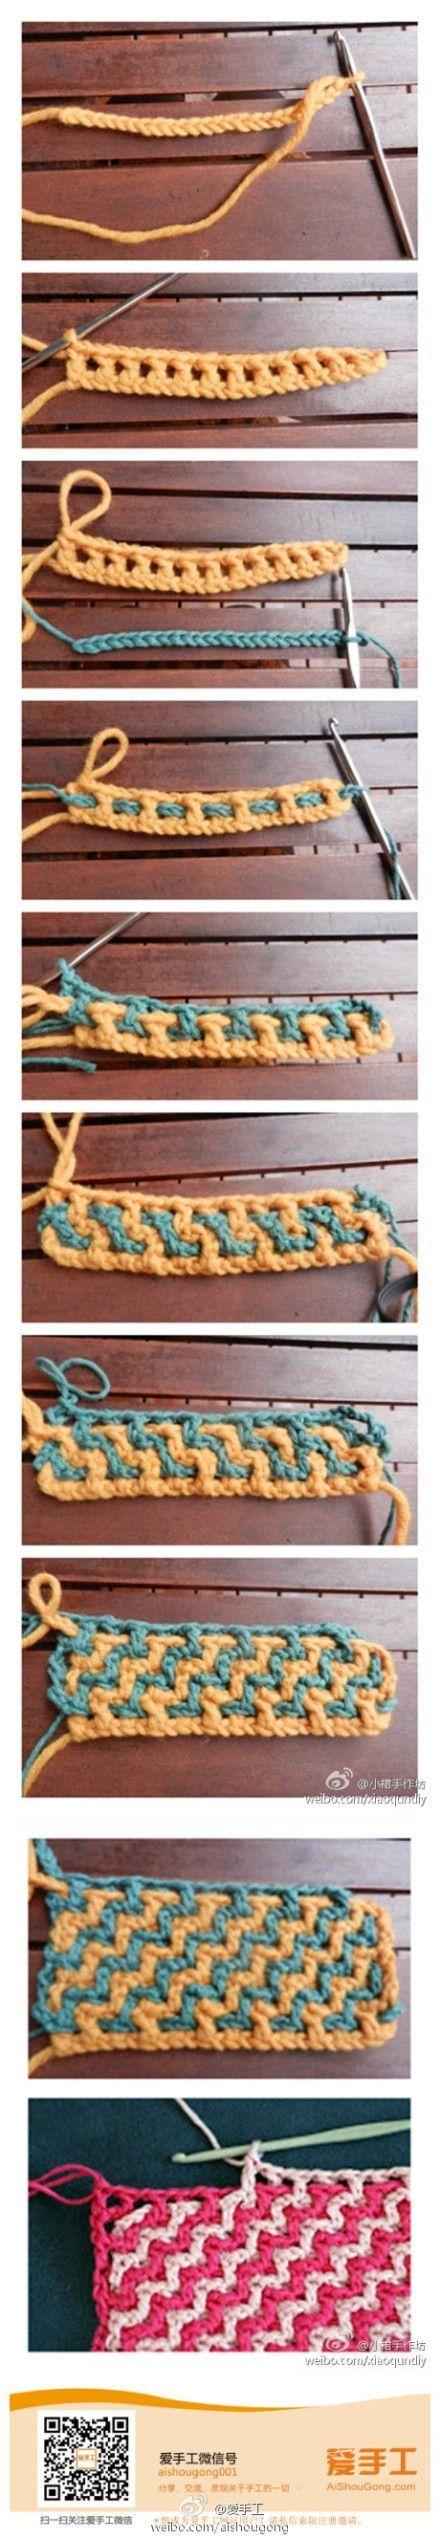 Crochet Stitch - Tutorial ❥,OUTRO PONTO QUE AMEI,EM CROCHE: